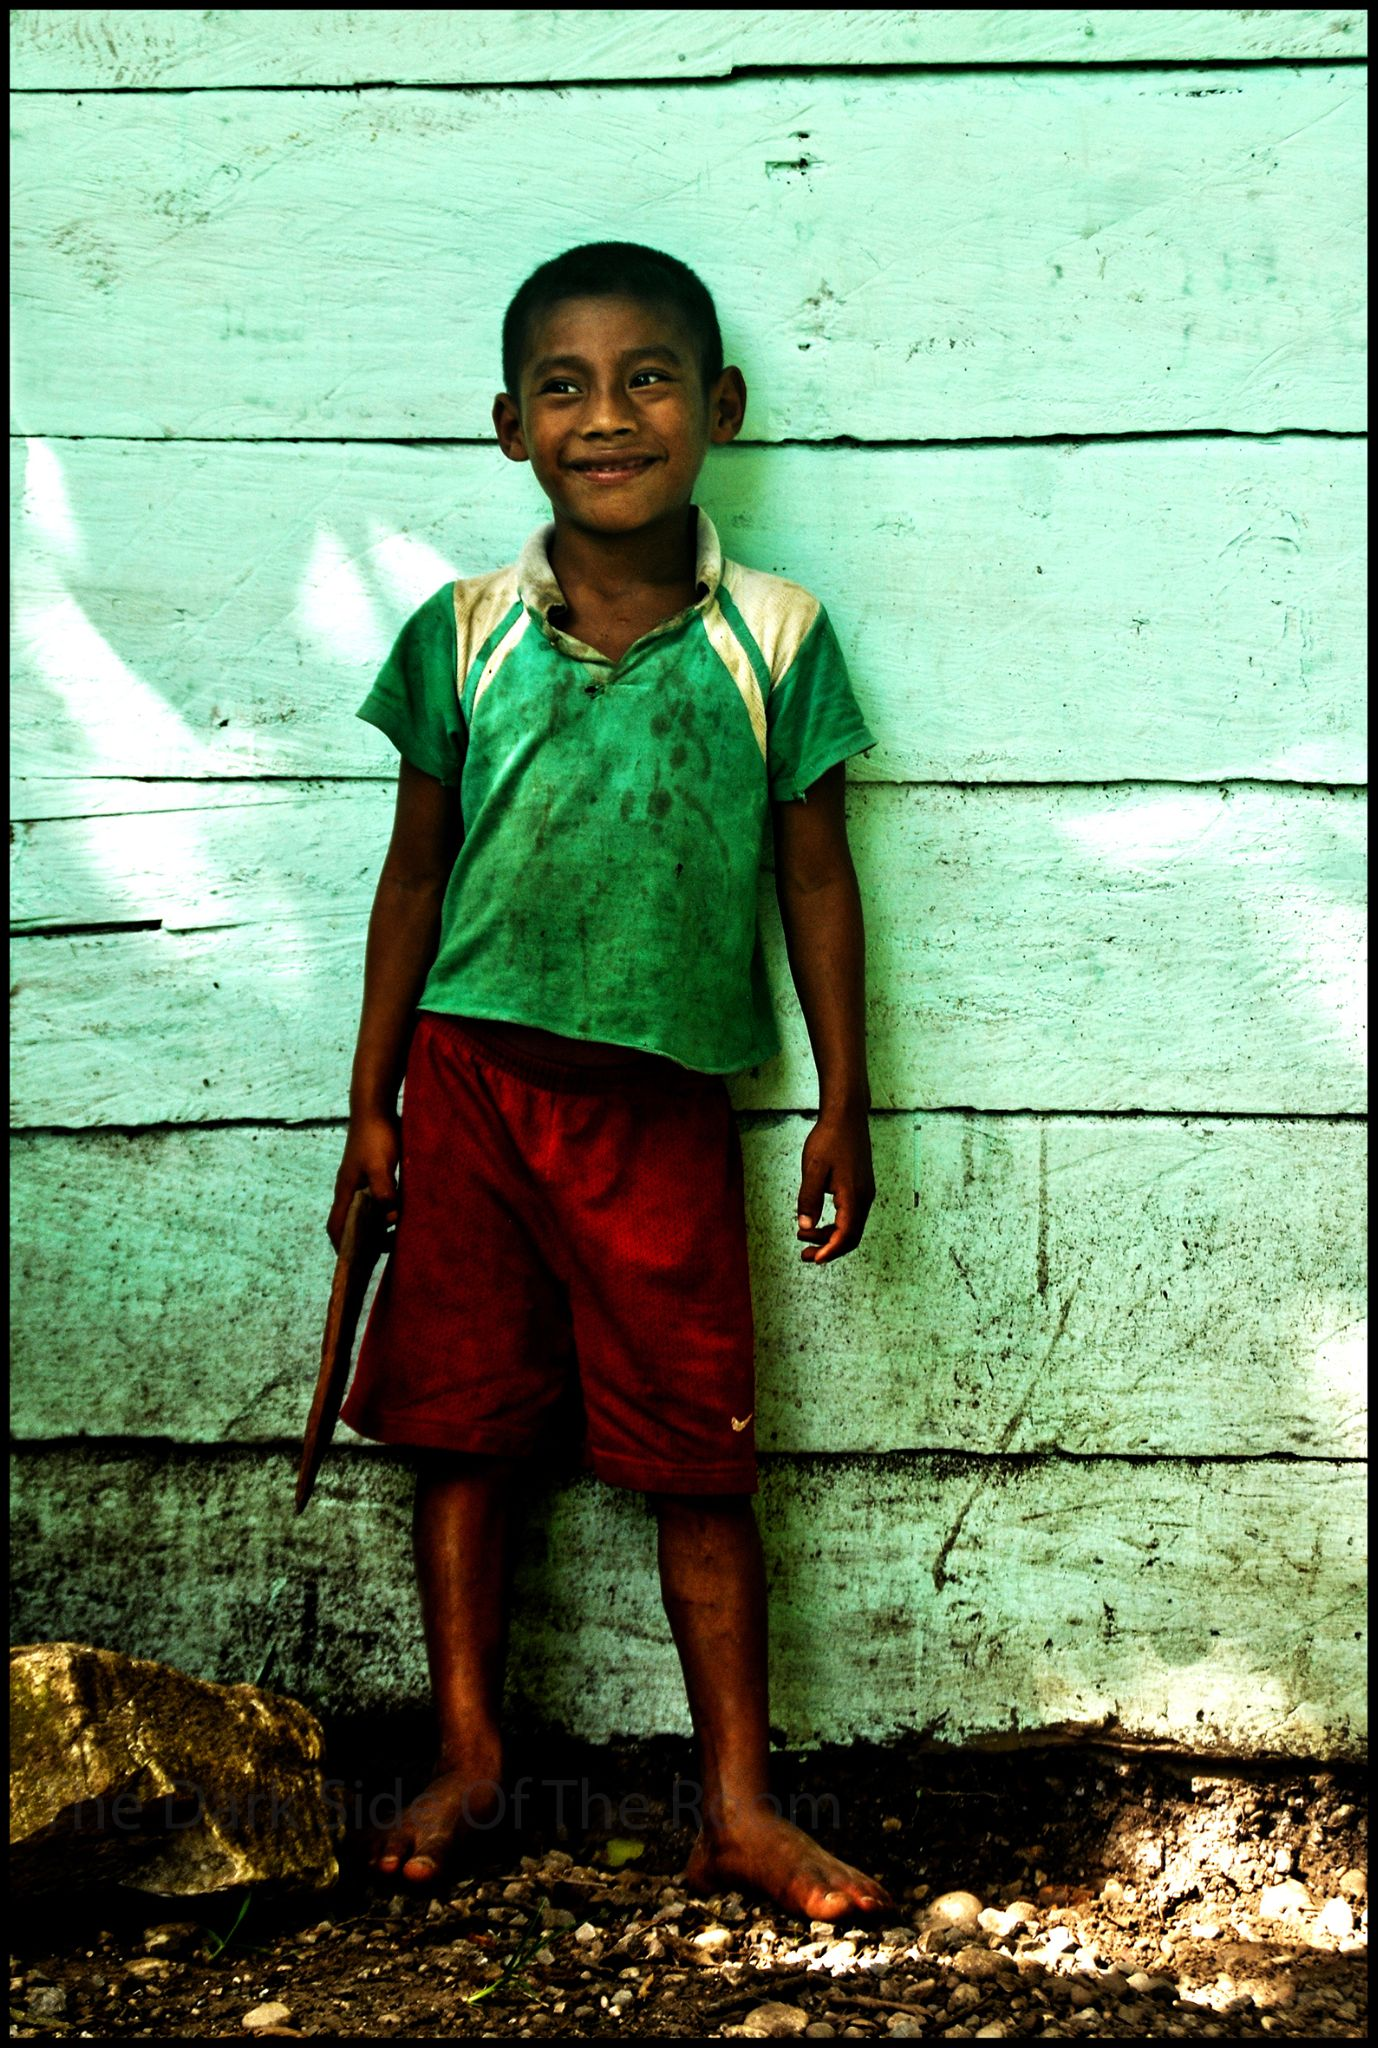 Chiapas 2014 by baptisteriethmann